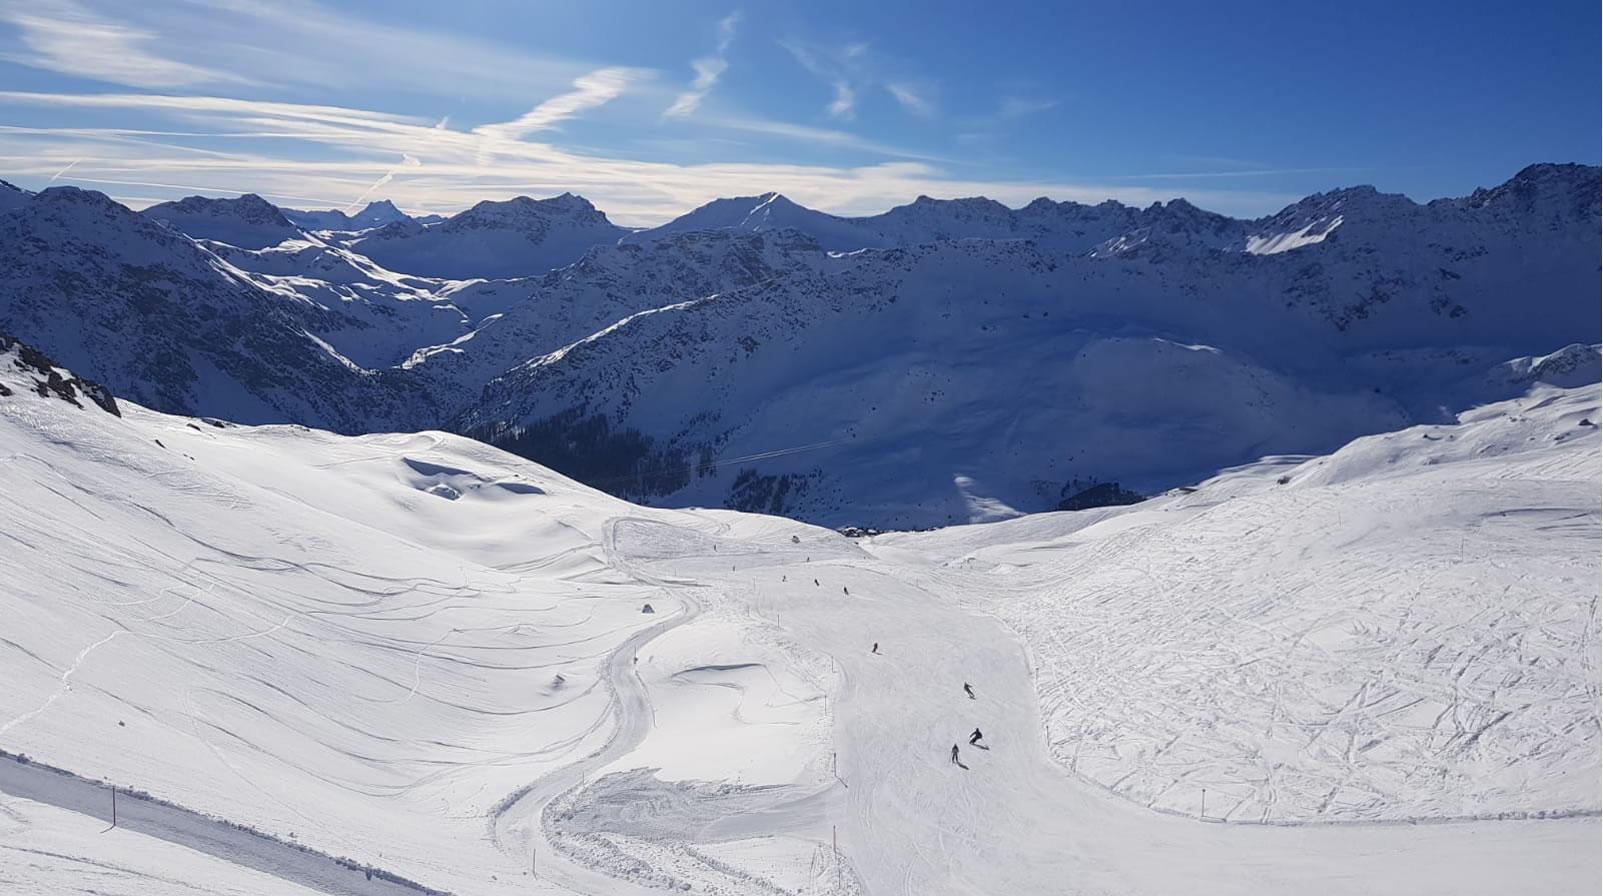 Bei perfekten Skiwetter mitten auf der Piste für Arosa Tourismus. USL Veranstaltungtechni unterwegs